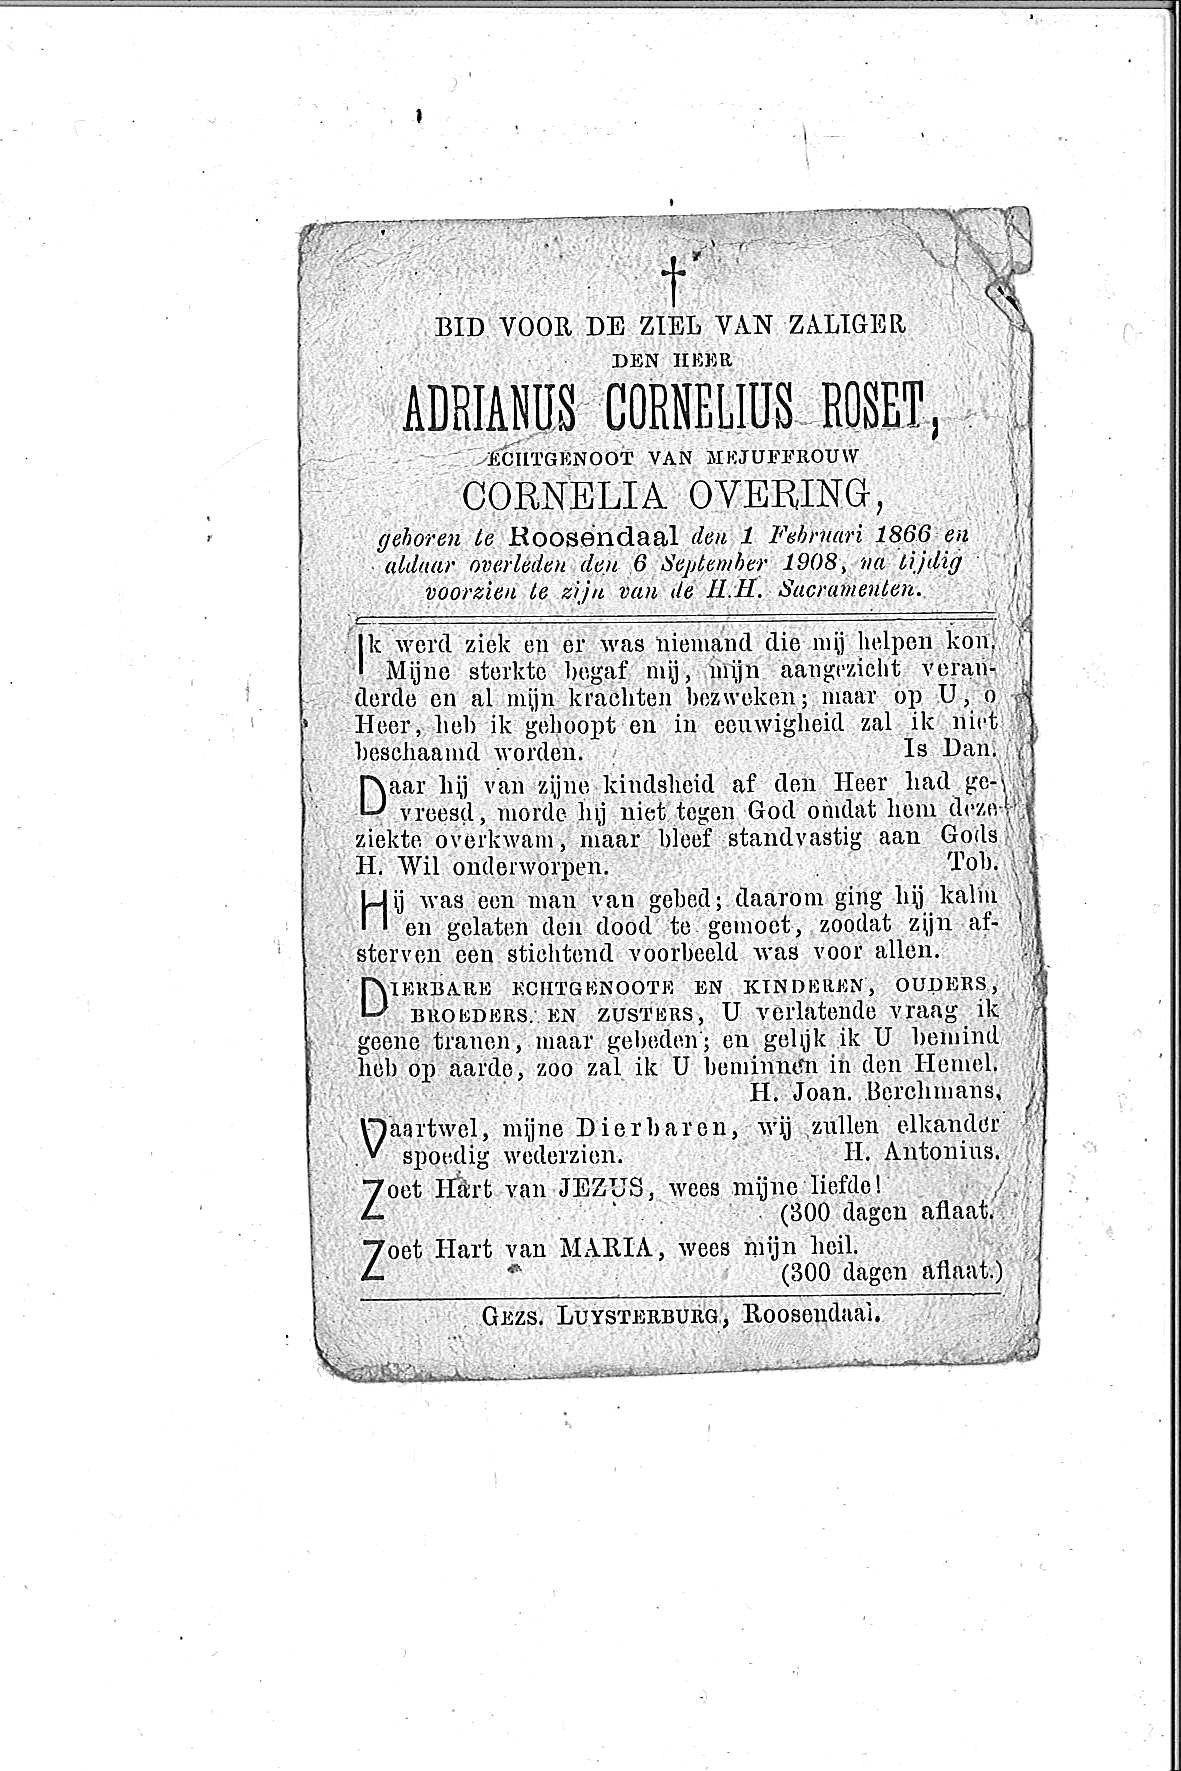 Adrianus-Cornelius(1908)20141217101254_00020.jpg